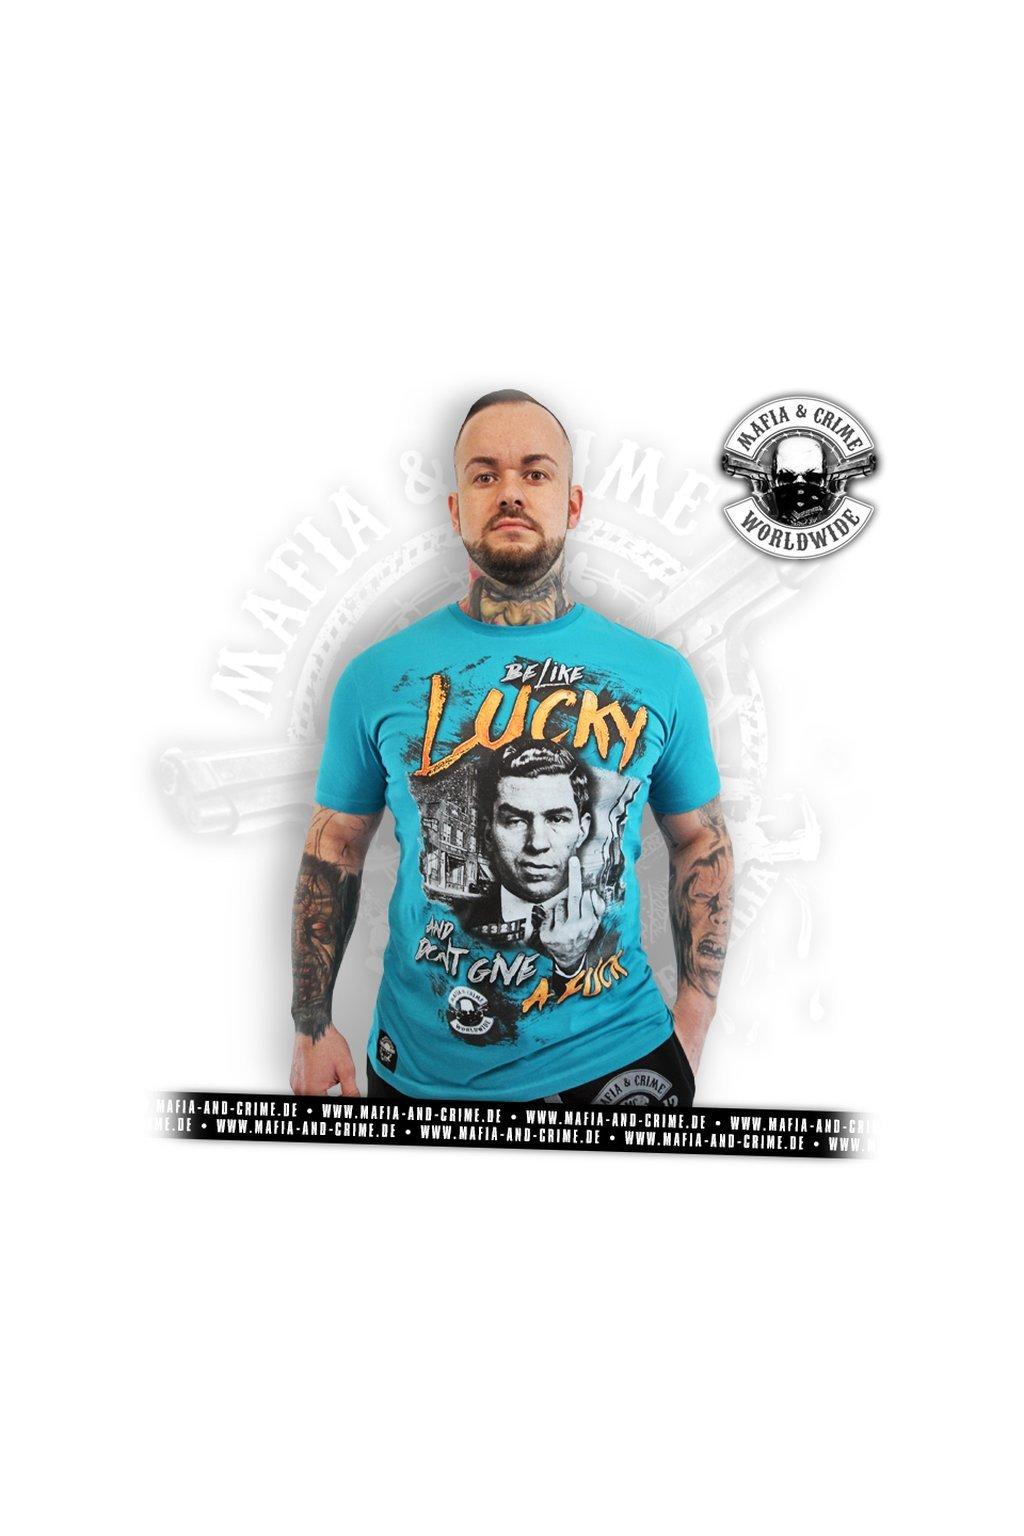 Pánské triko Mafia & Crime Be like Lucky Shirt Petrol obr1